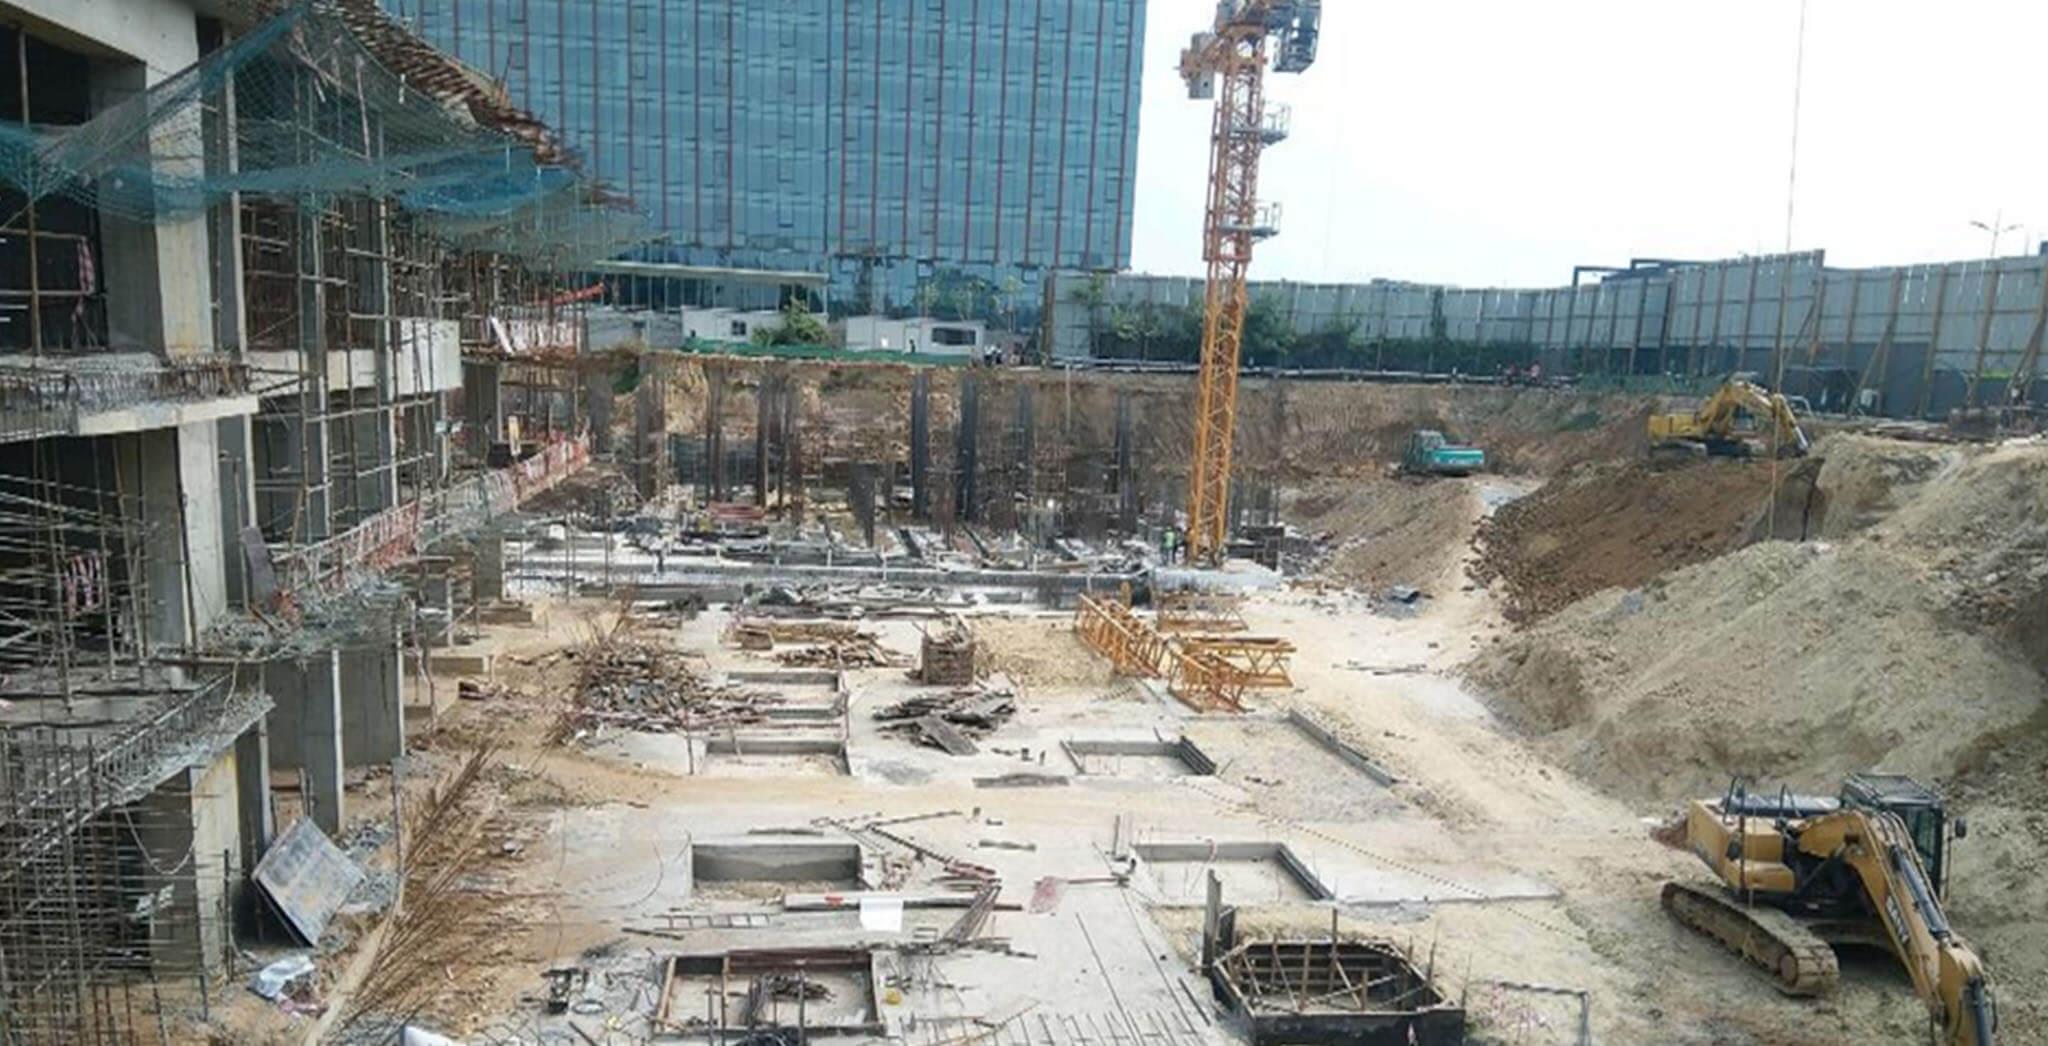 Mar 2021 - Non Tower: Earthwork excavation is in progress